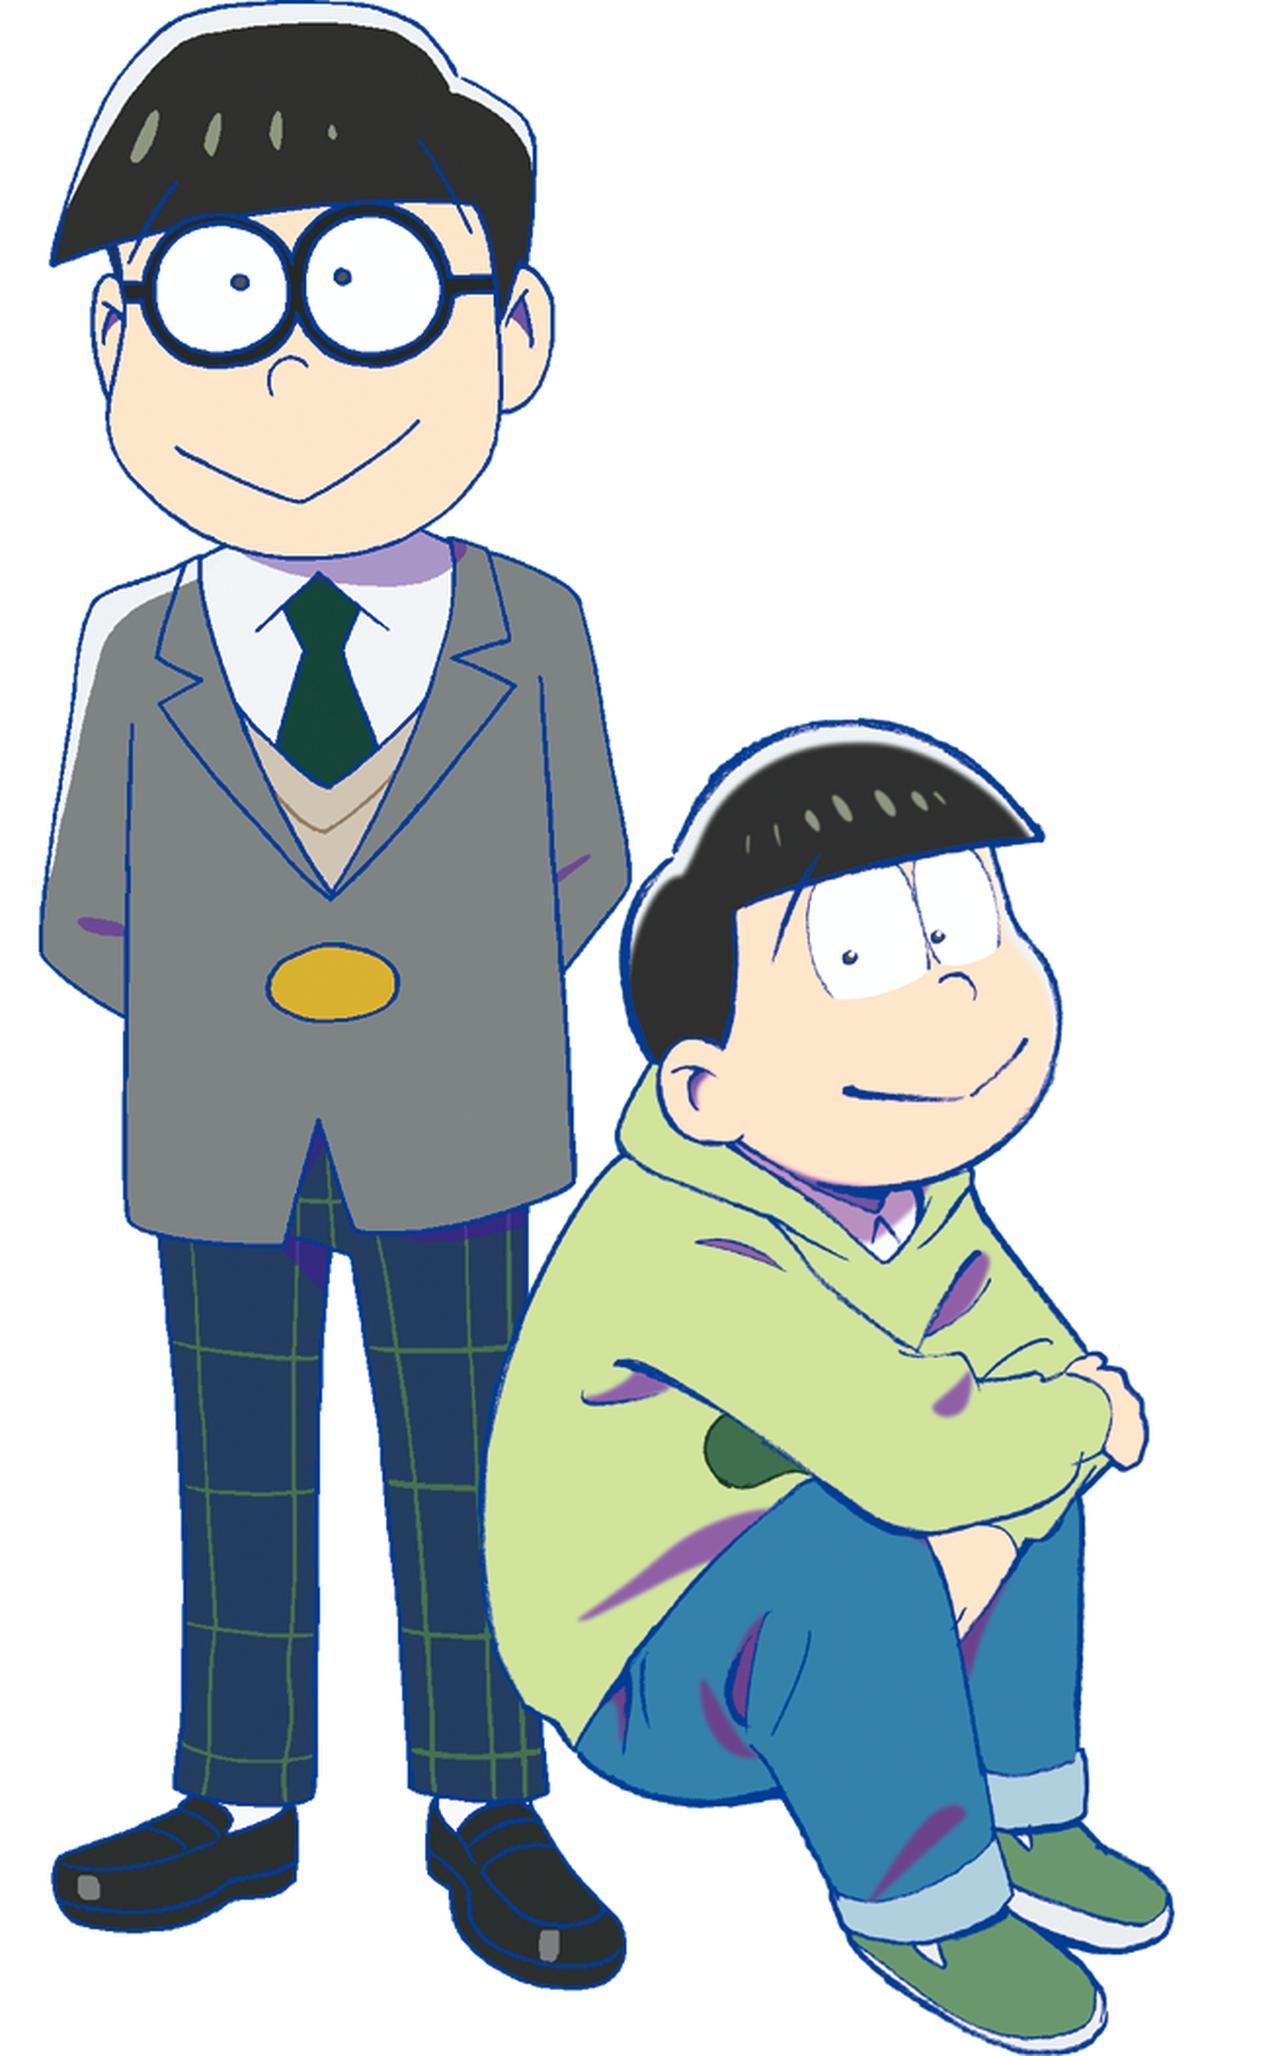 画像7: 3/15公開「えいがのおそ松さん」6つ子が劇場版になって帰ってくる!